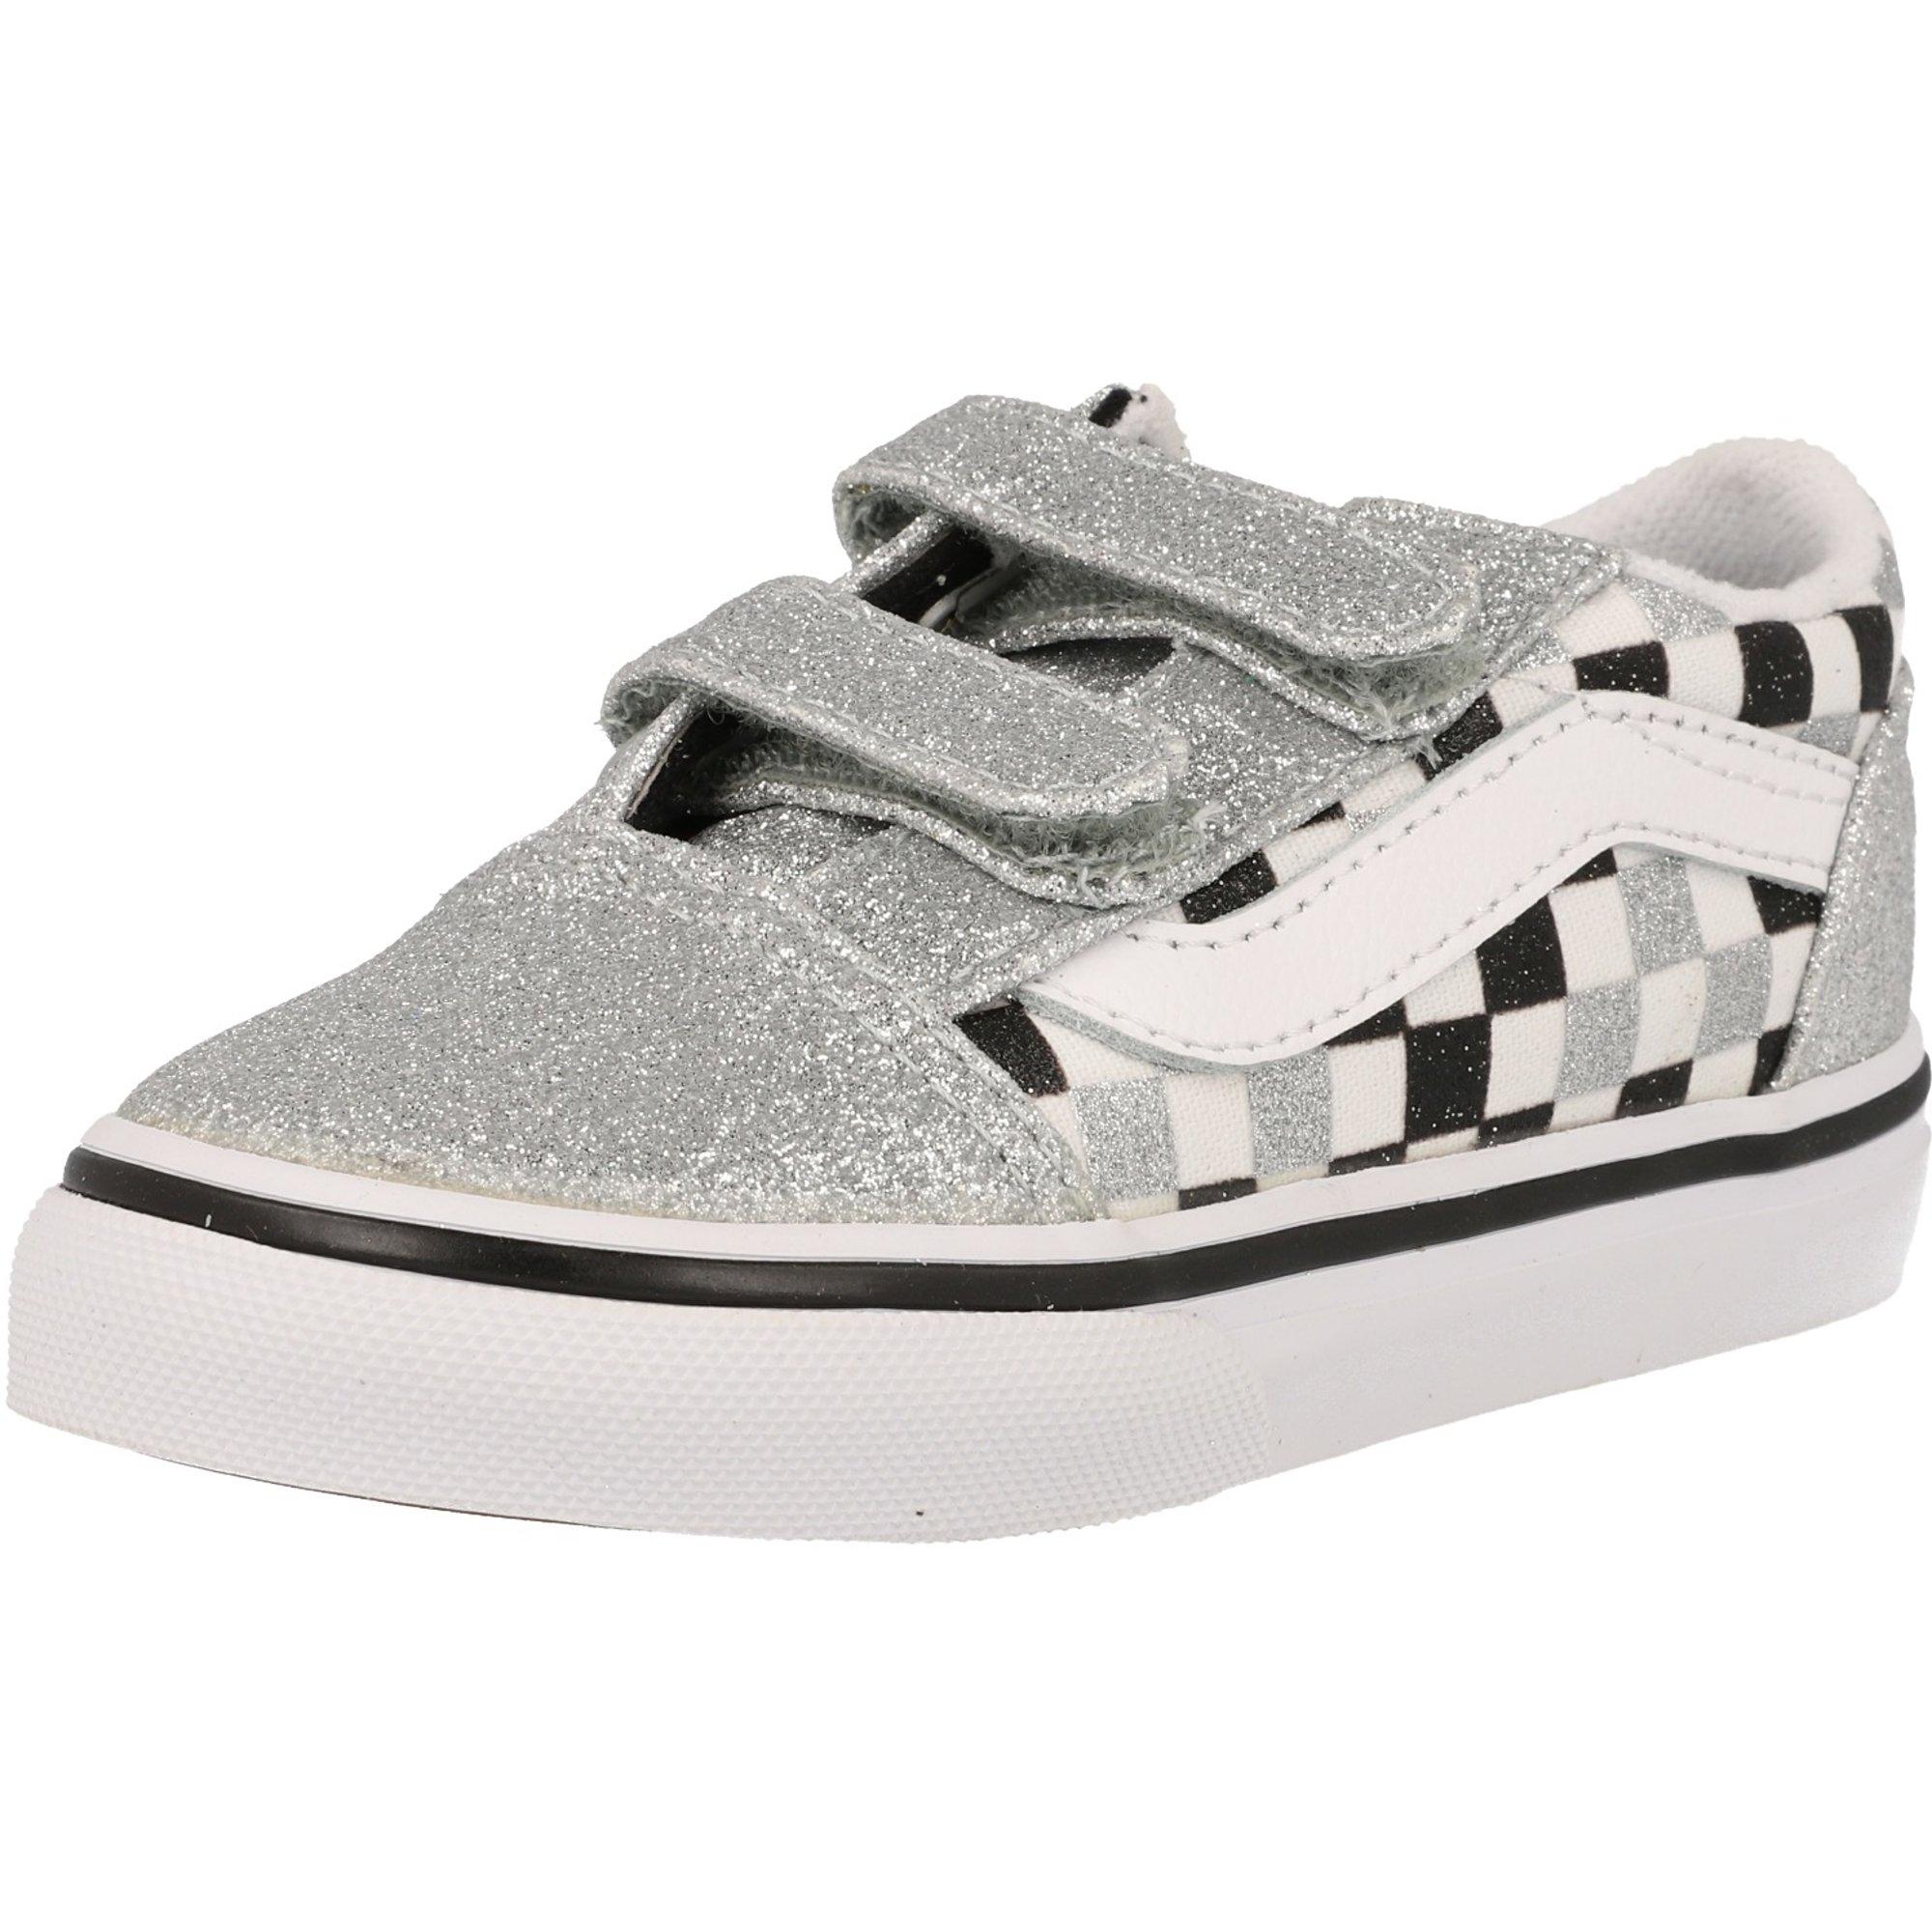 Vans TD Old Skool V Silver Glitter/True